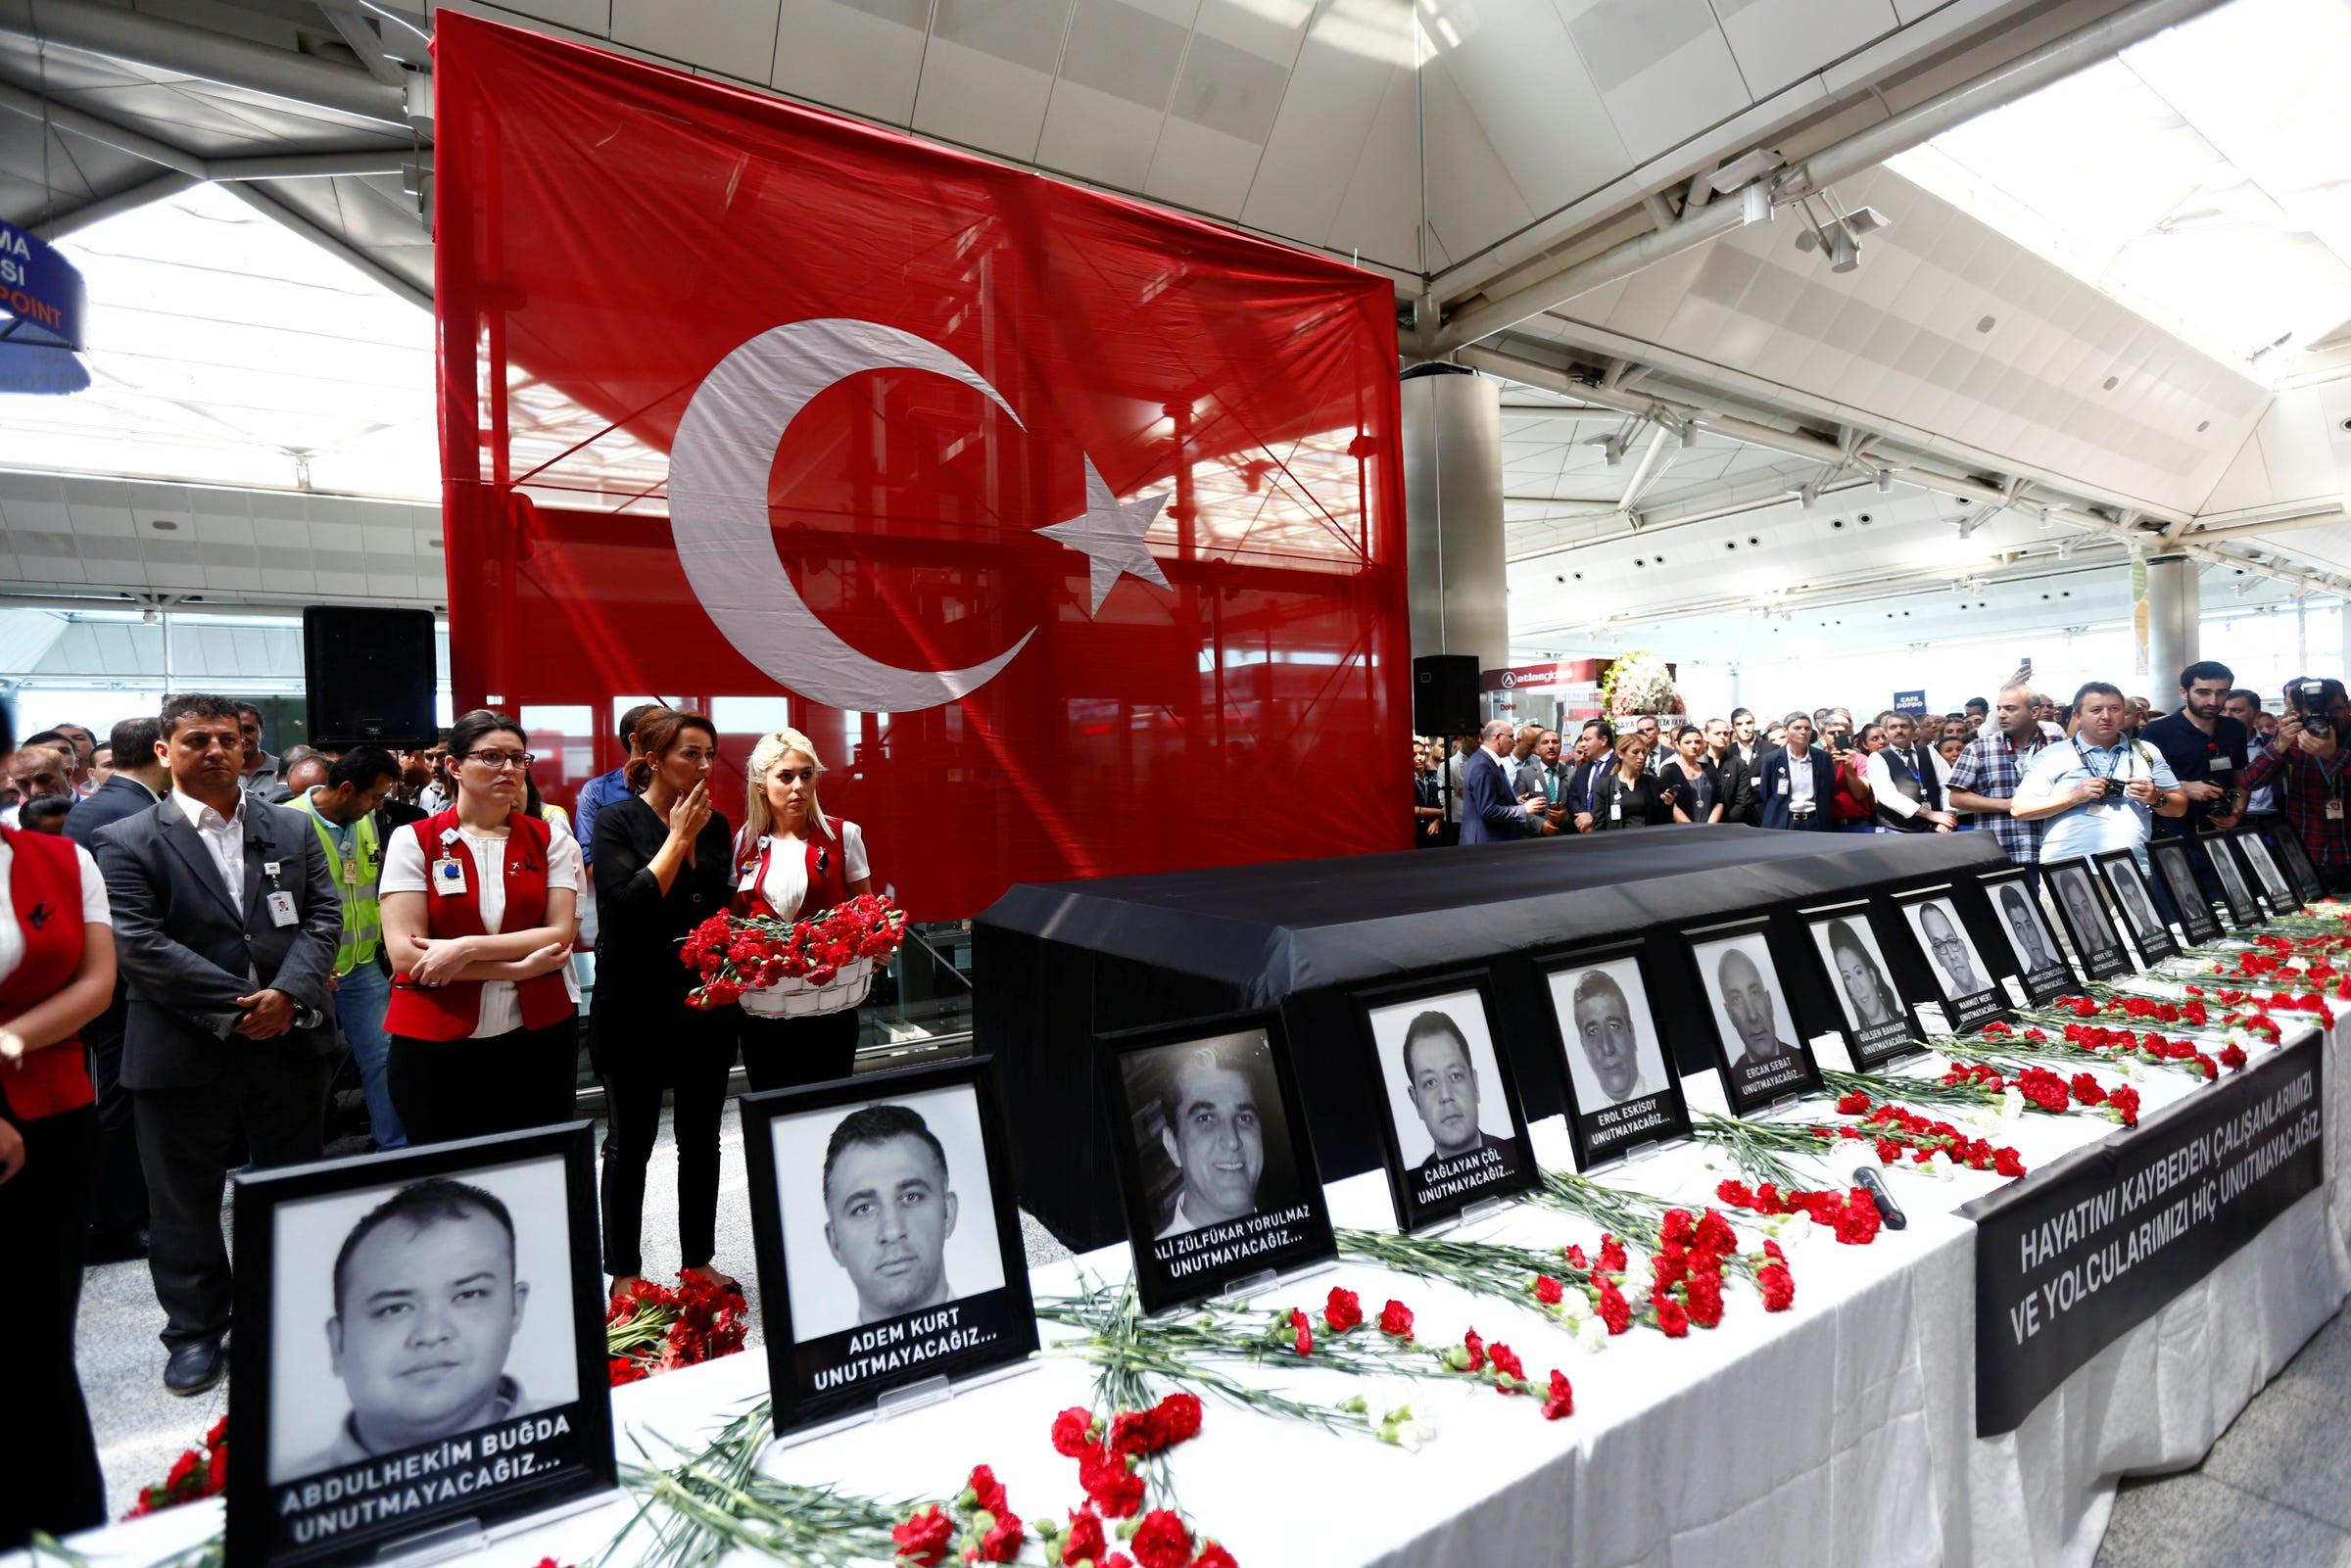 istanbul airport attack memorial